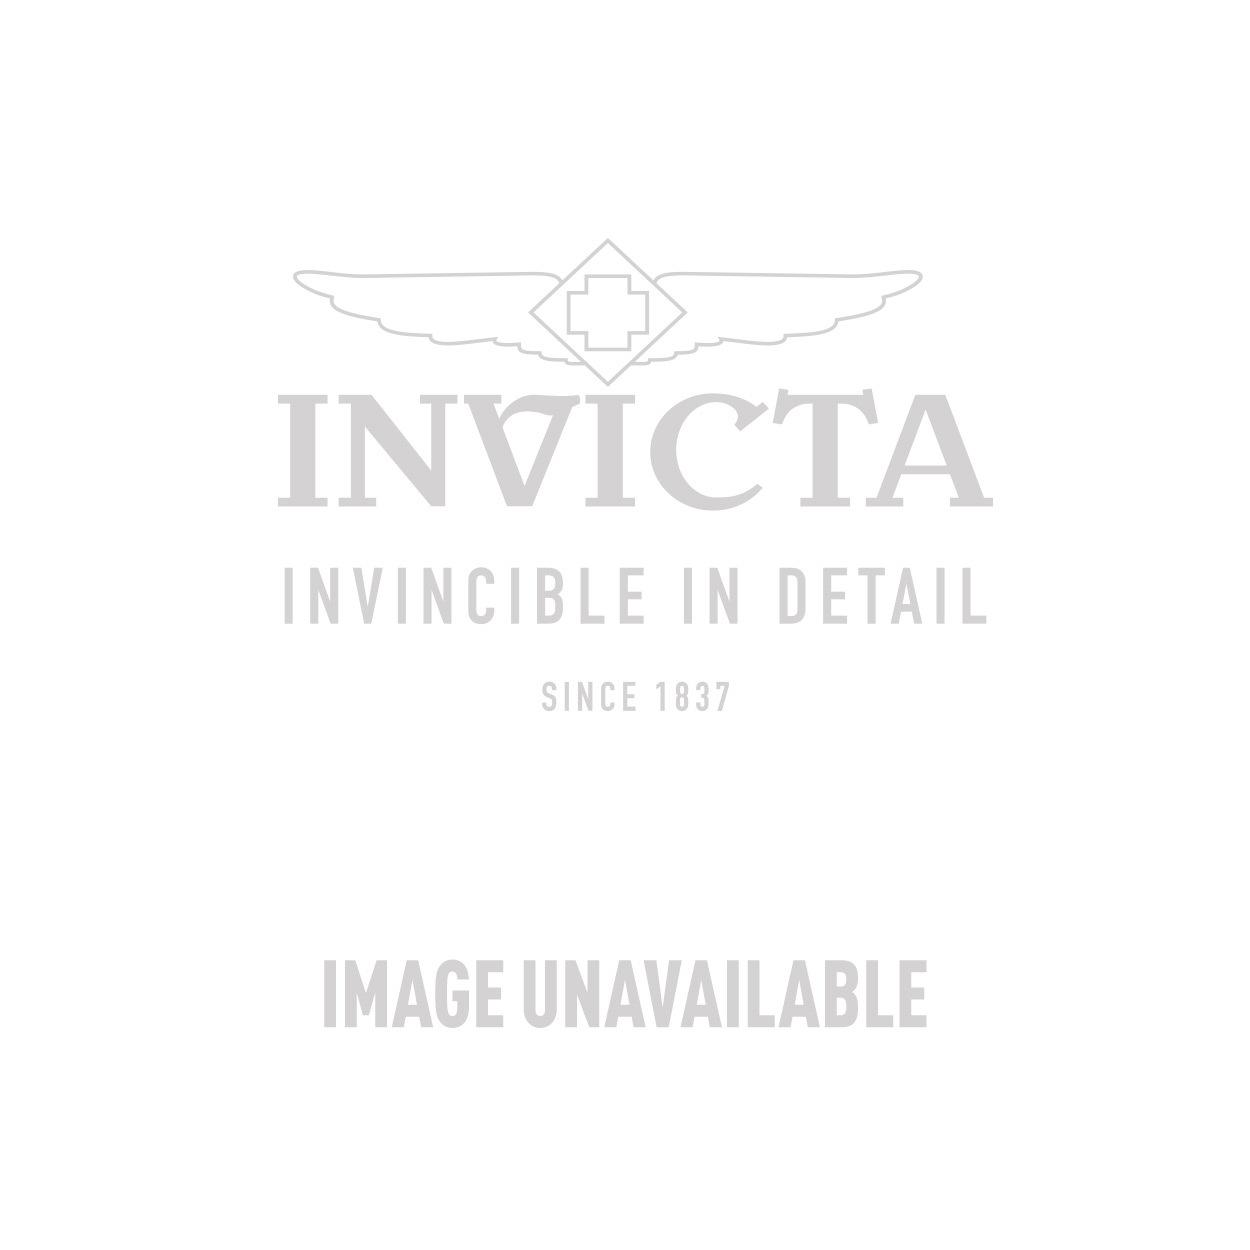 Invicta Model 27737